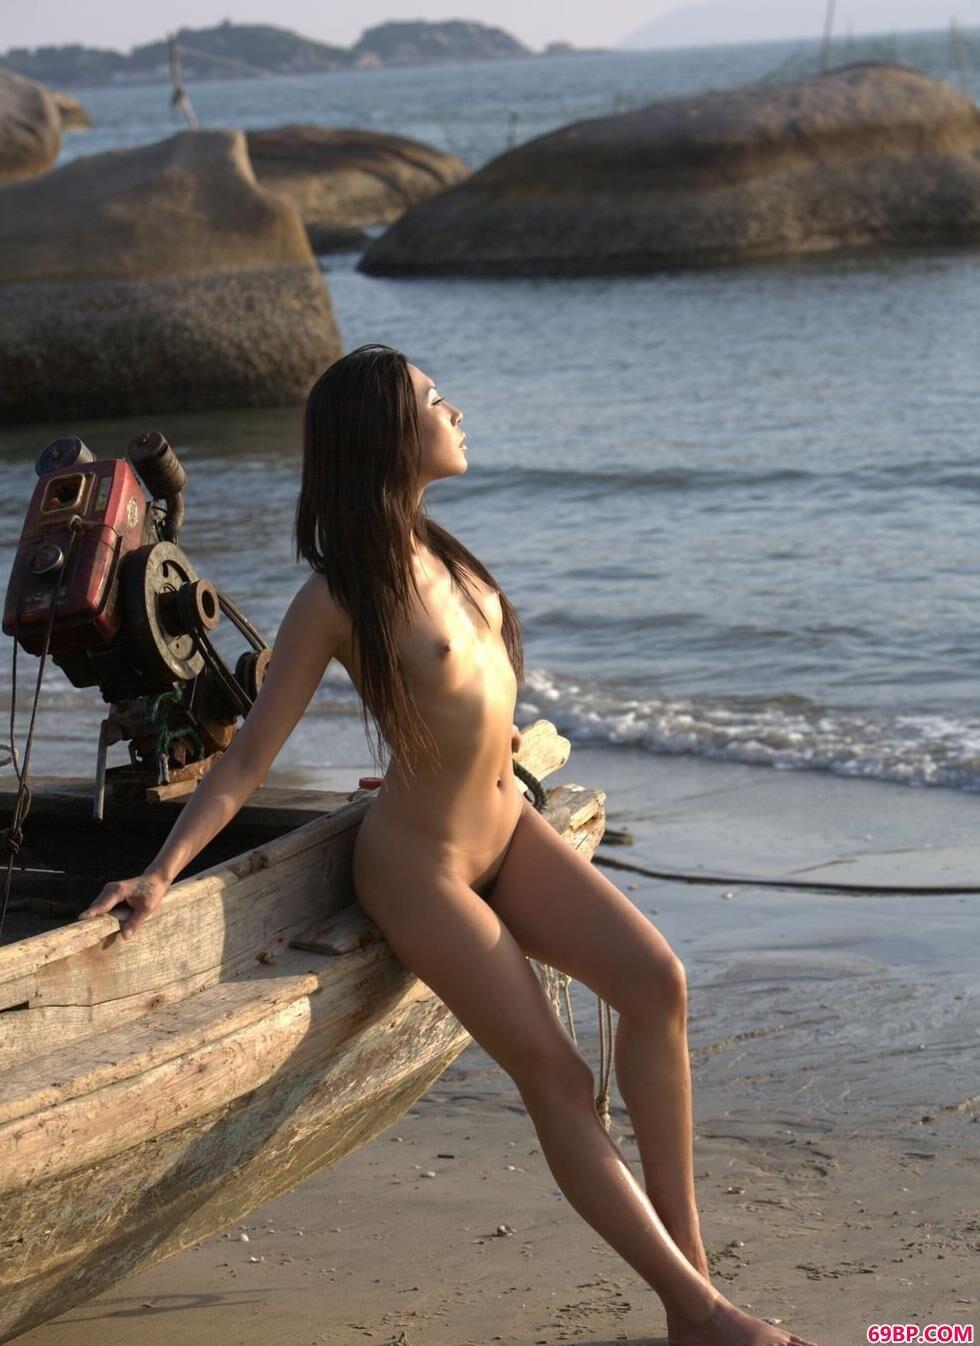 嫩模尧尧与梦梦海边渔船上的清纯人体